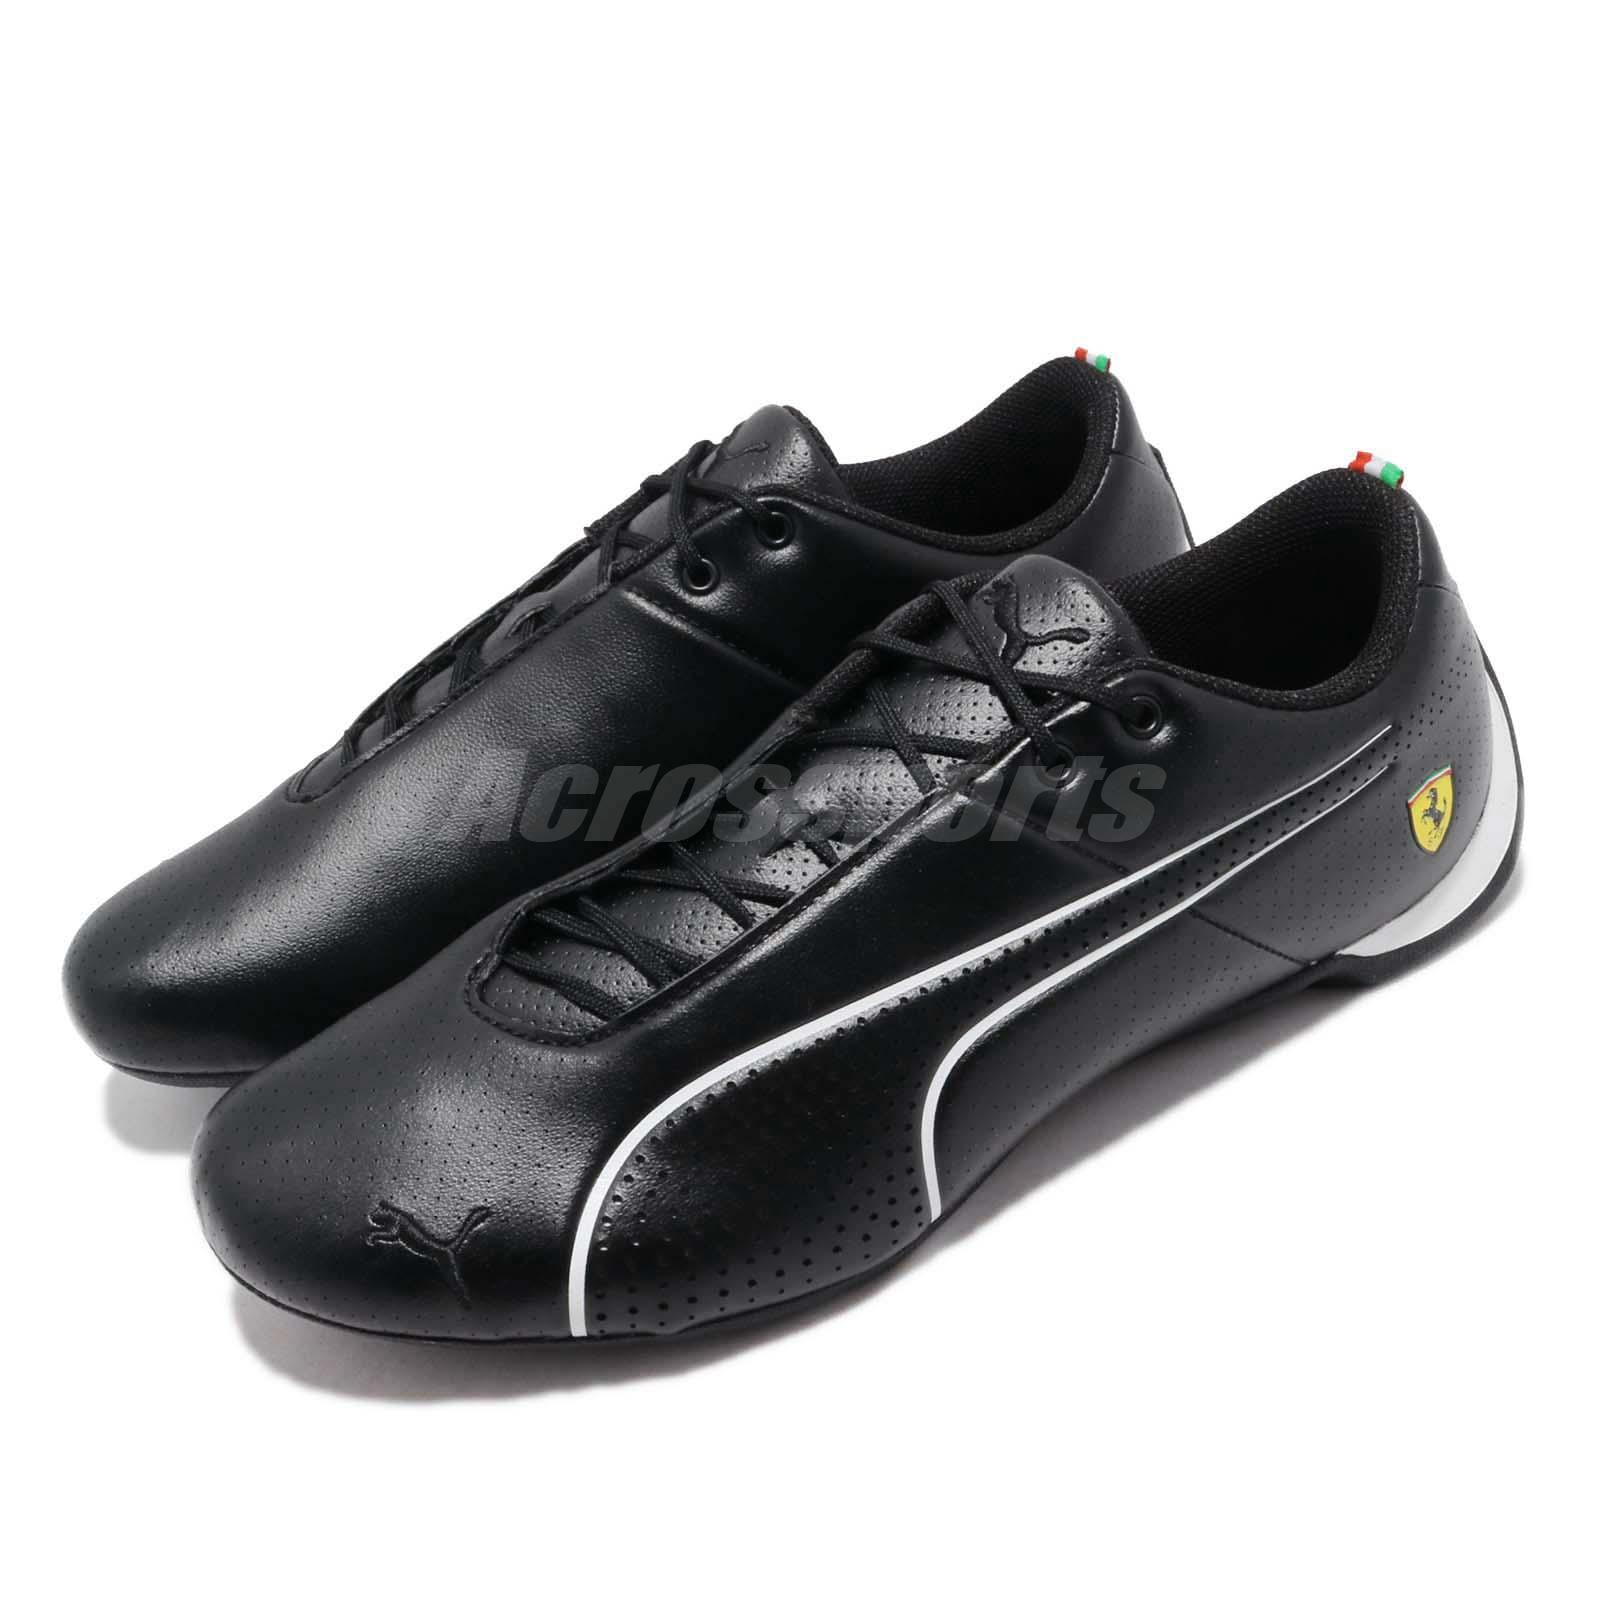 912a6e70452 Details about Puma SF Future Cat Ultra Ferrari Black White Men Motorsport  Shoes 306241-02